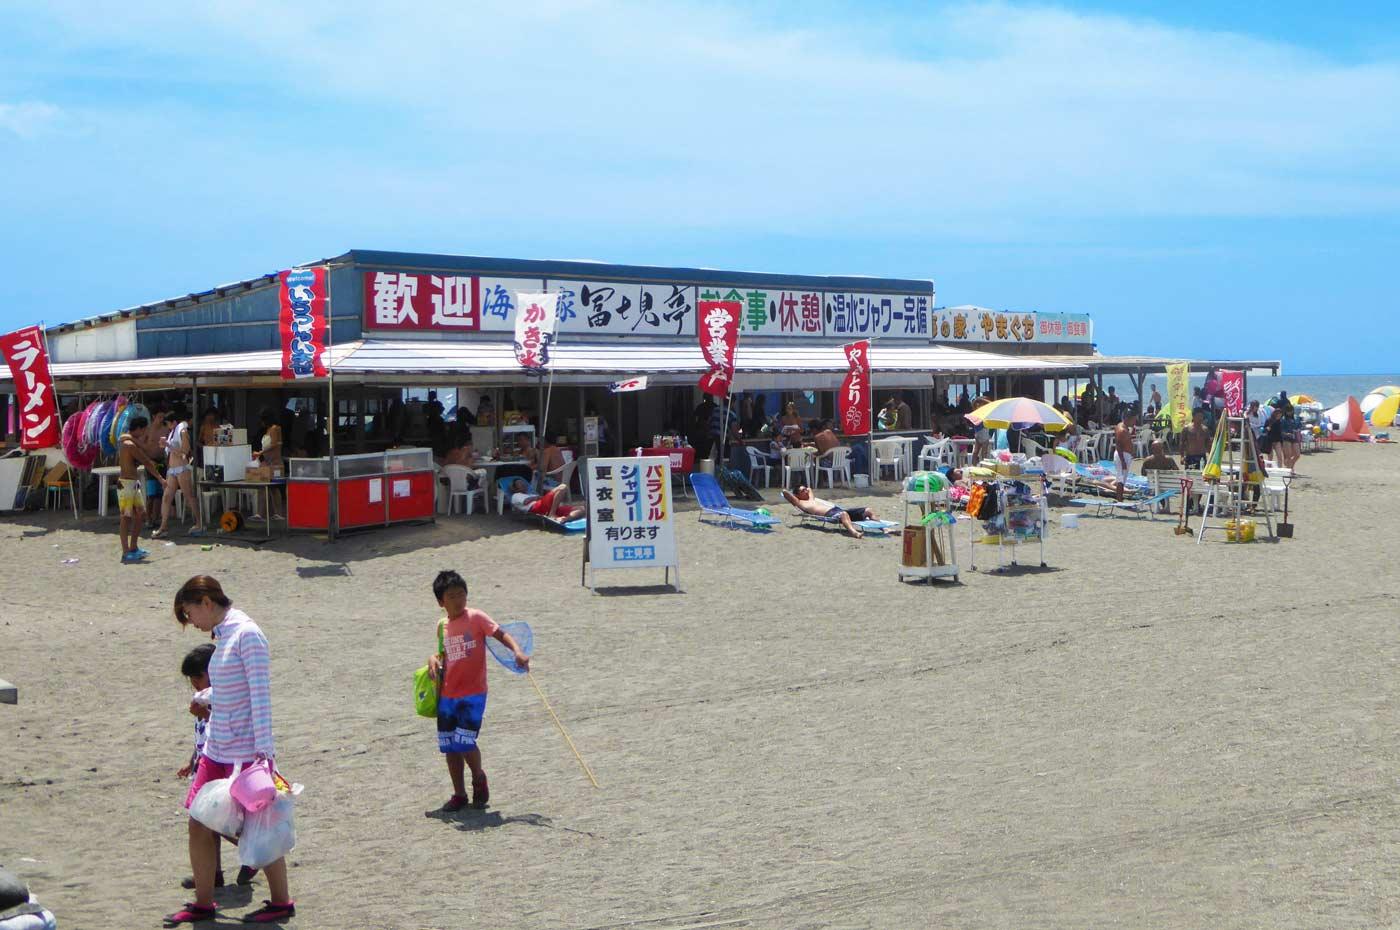 沖ノ島の海の家